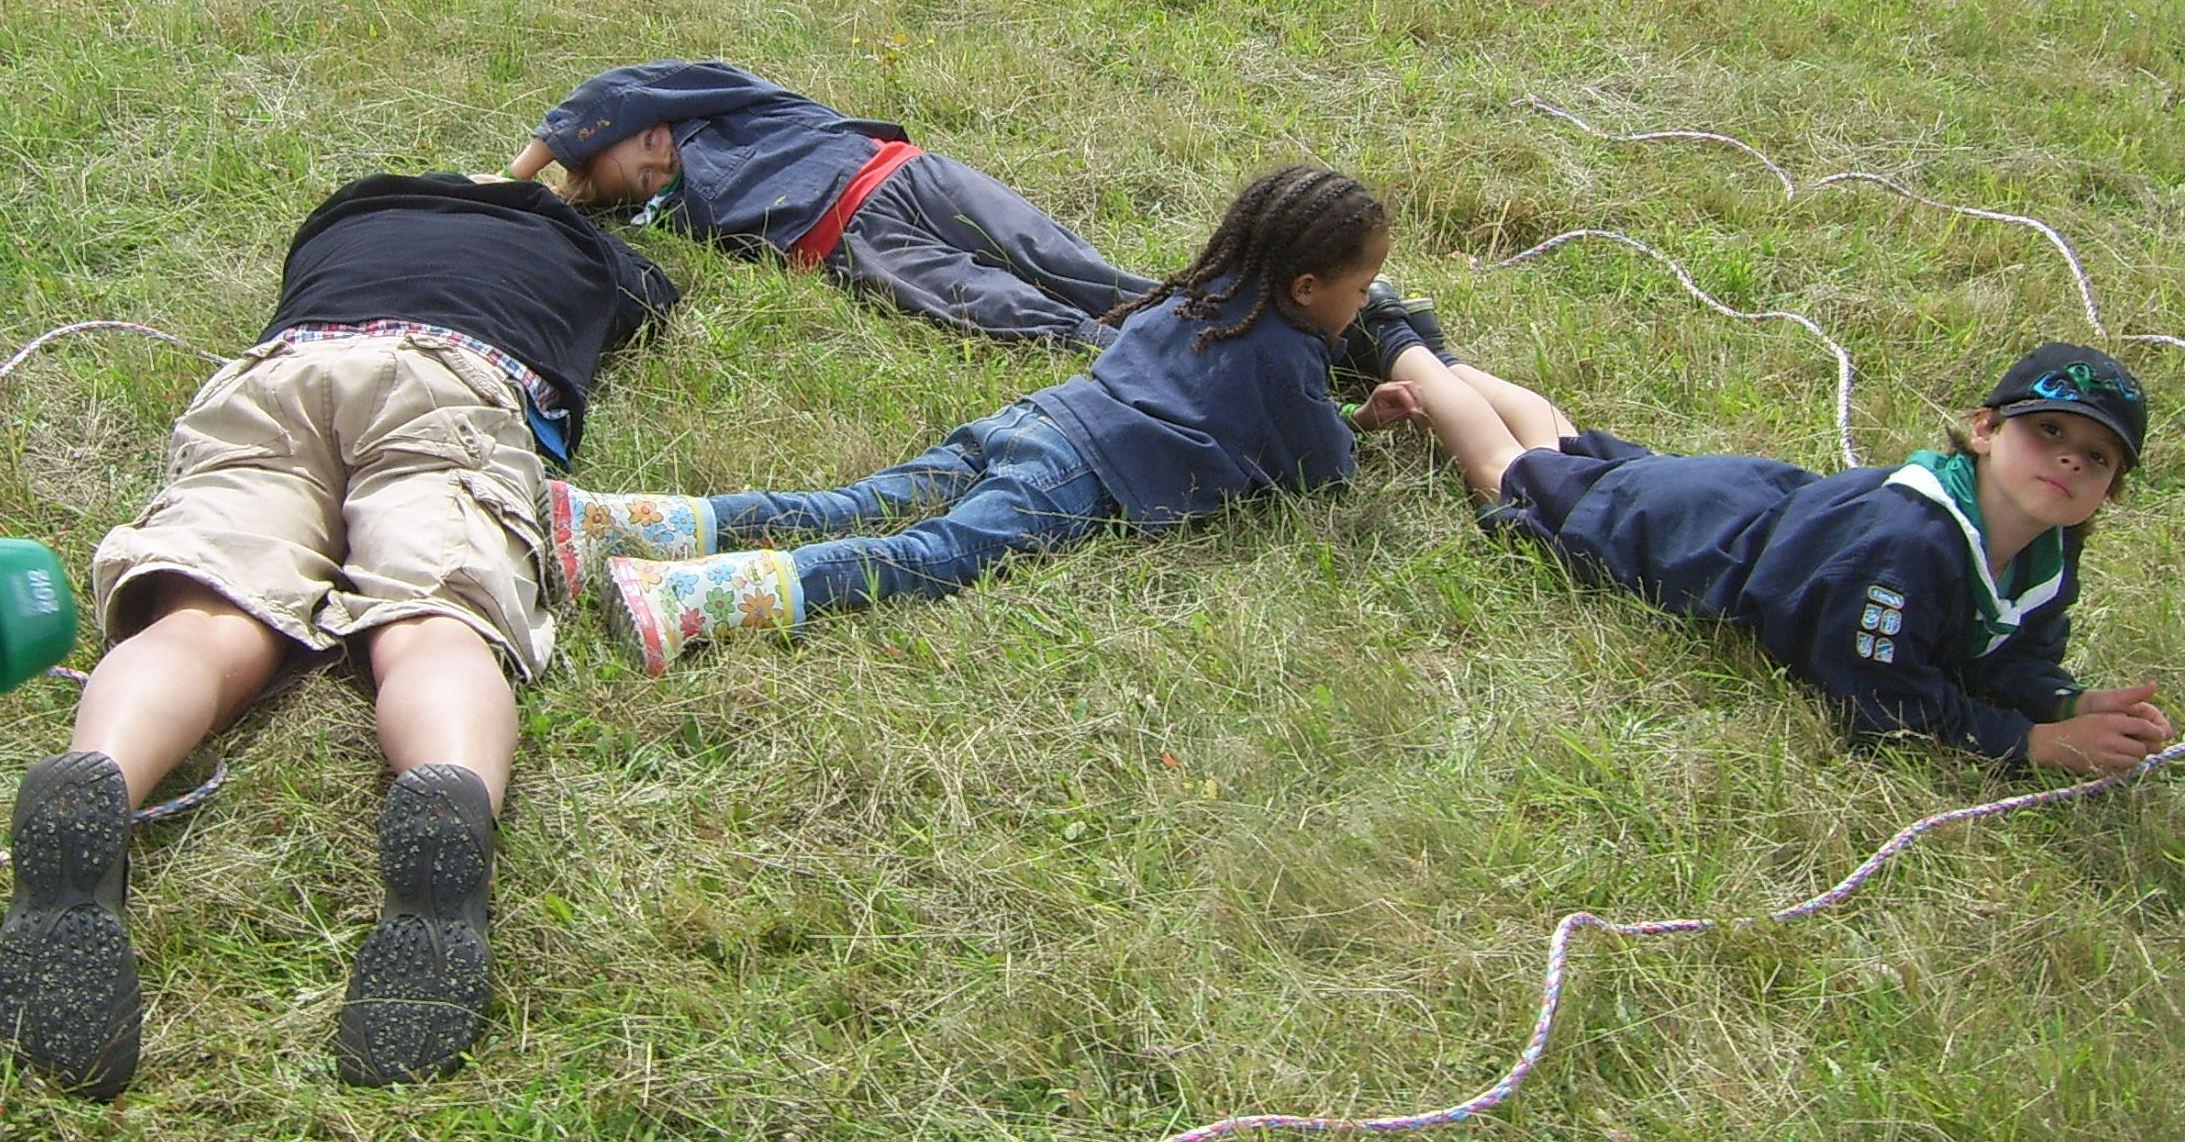 Sproggrens løb på Spejdernes Lejr 2012